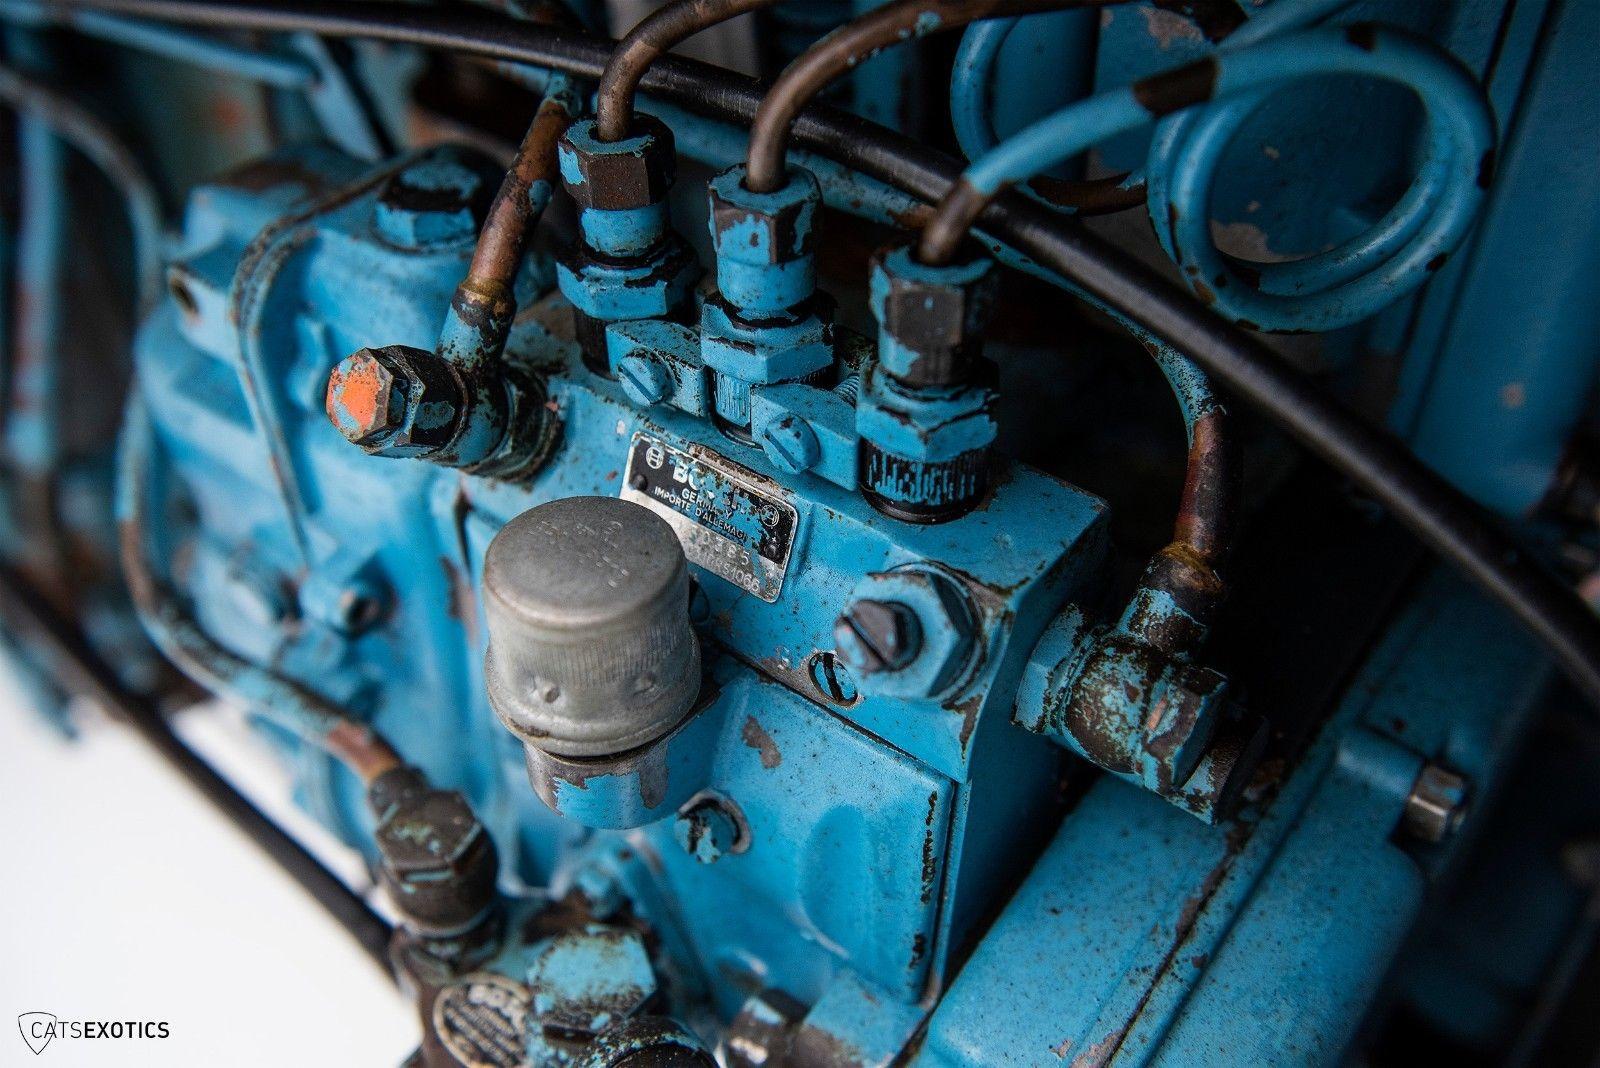 Lamborghini 2R tractor 1964 barnfind for sale (13)